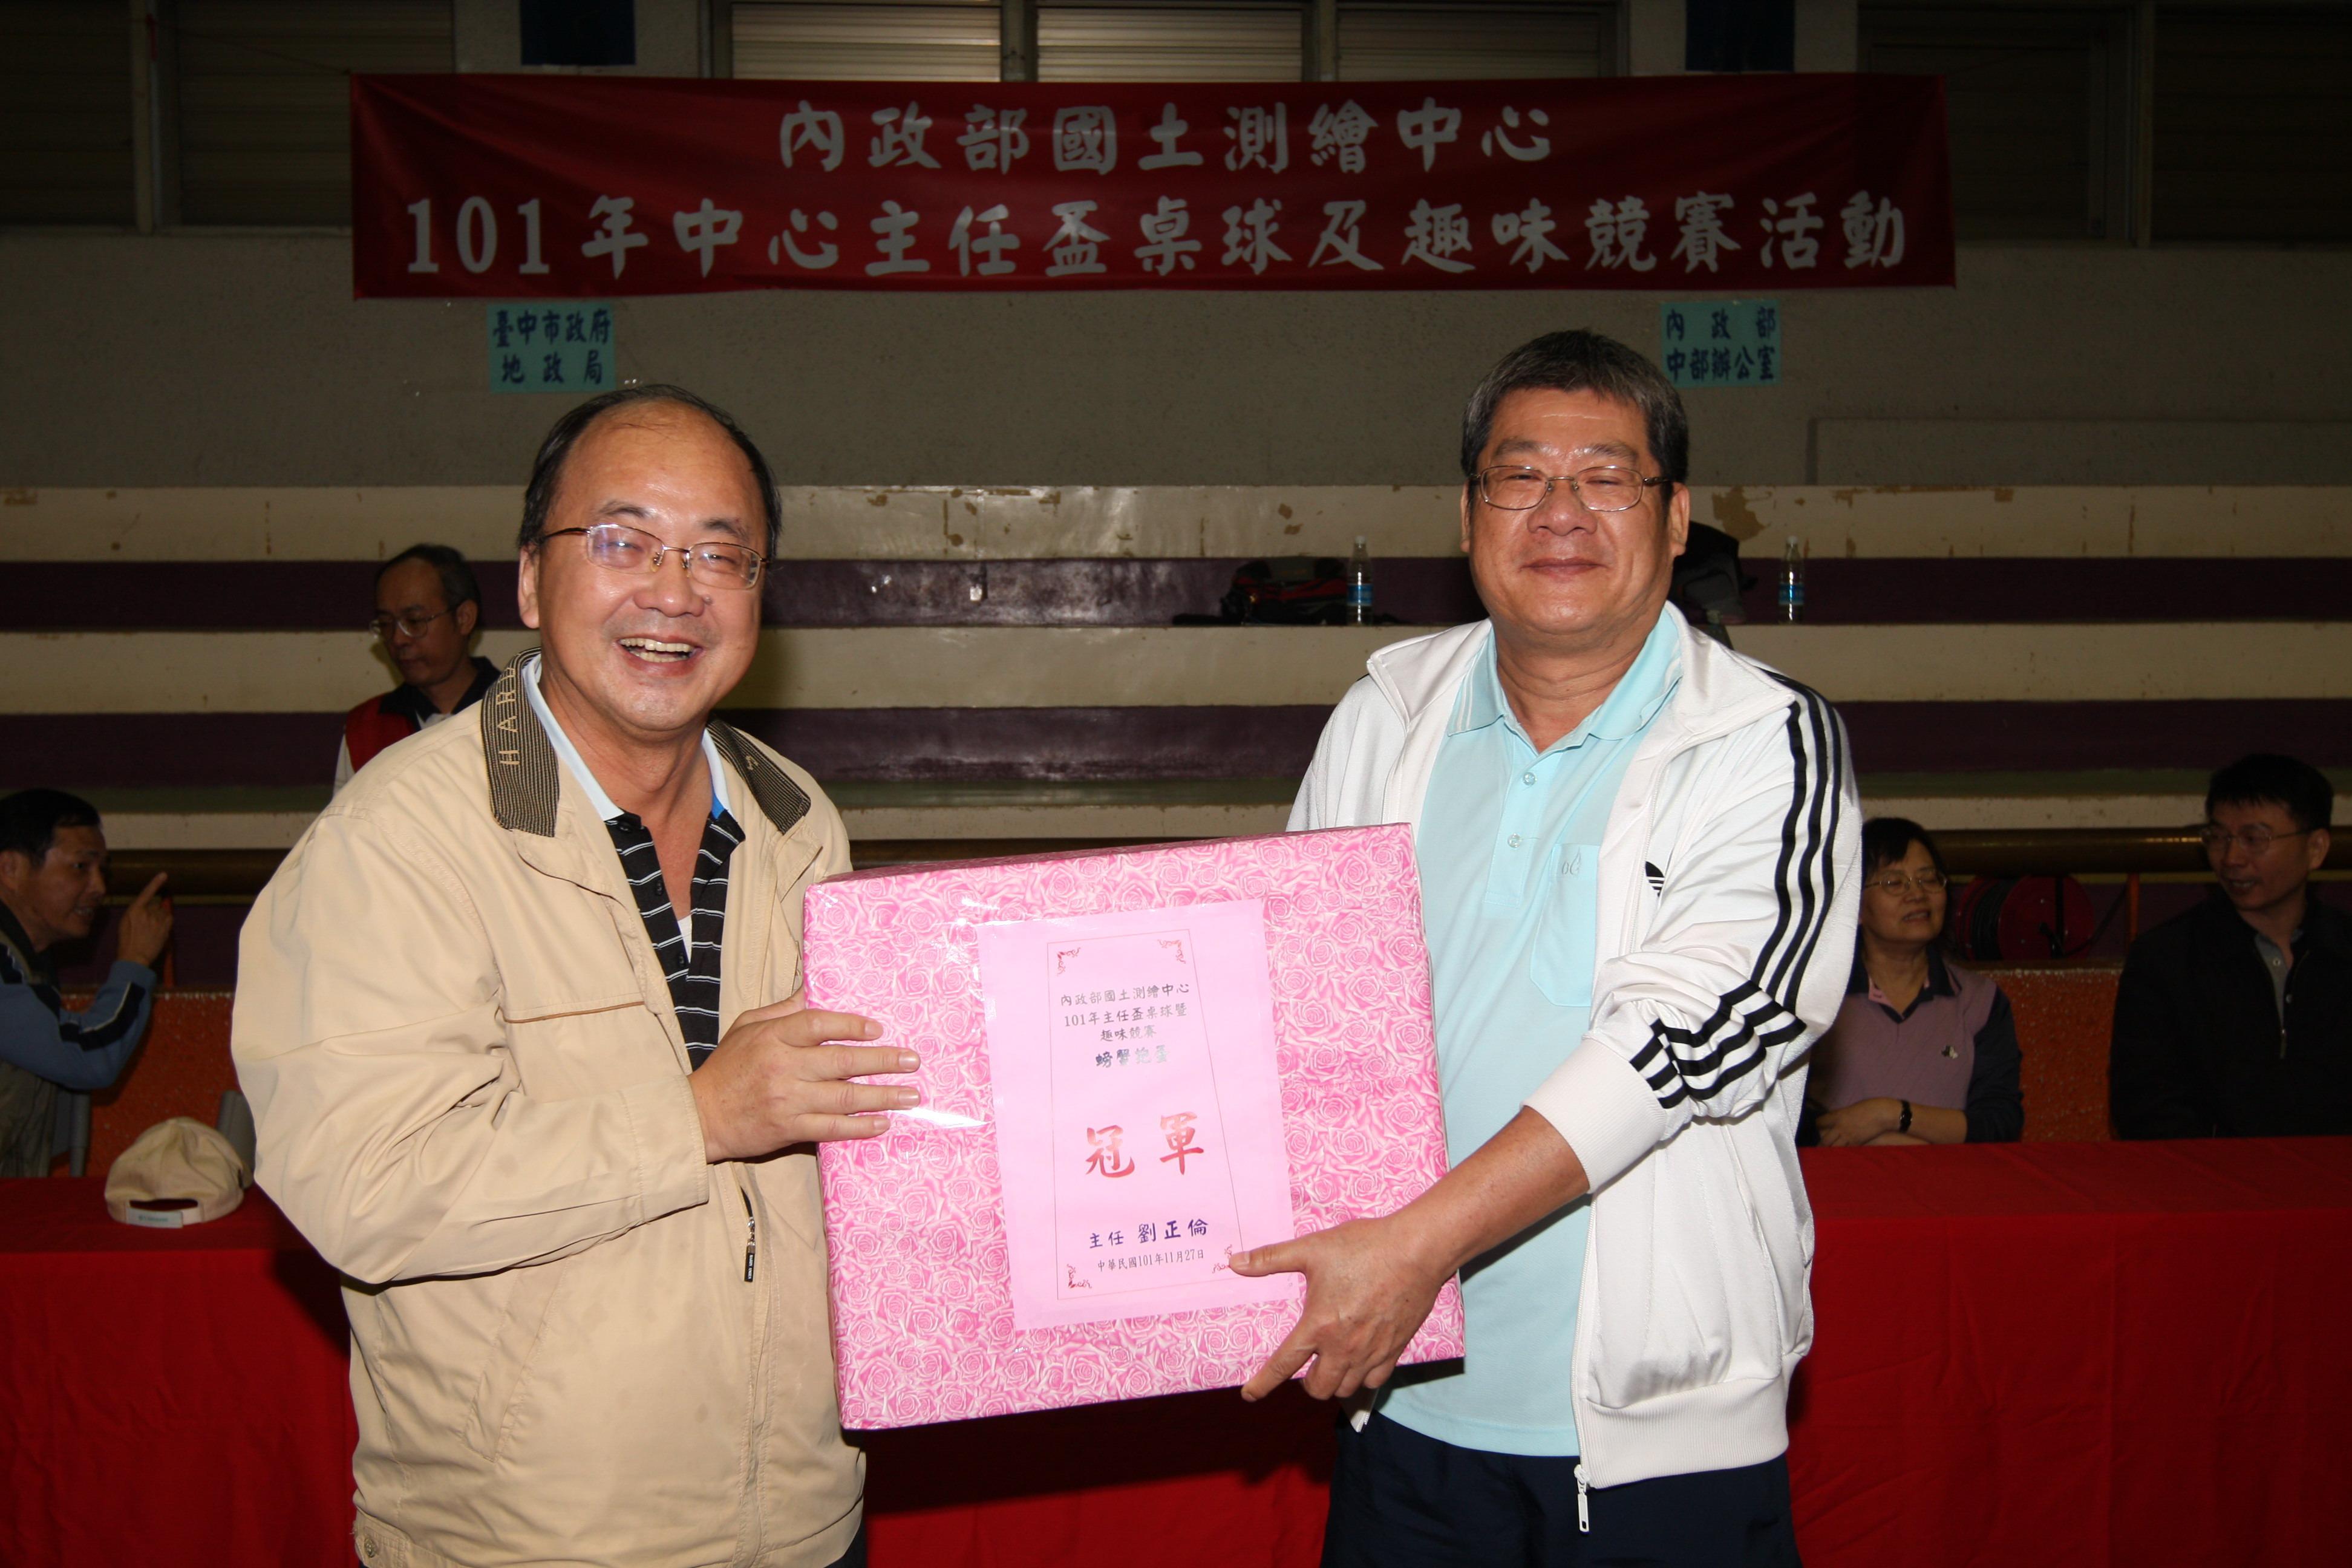 蘇副主任惠璋(左)頒獎予趣味競賽螃蟹抱蛋冠軍-東區測量隊(右)